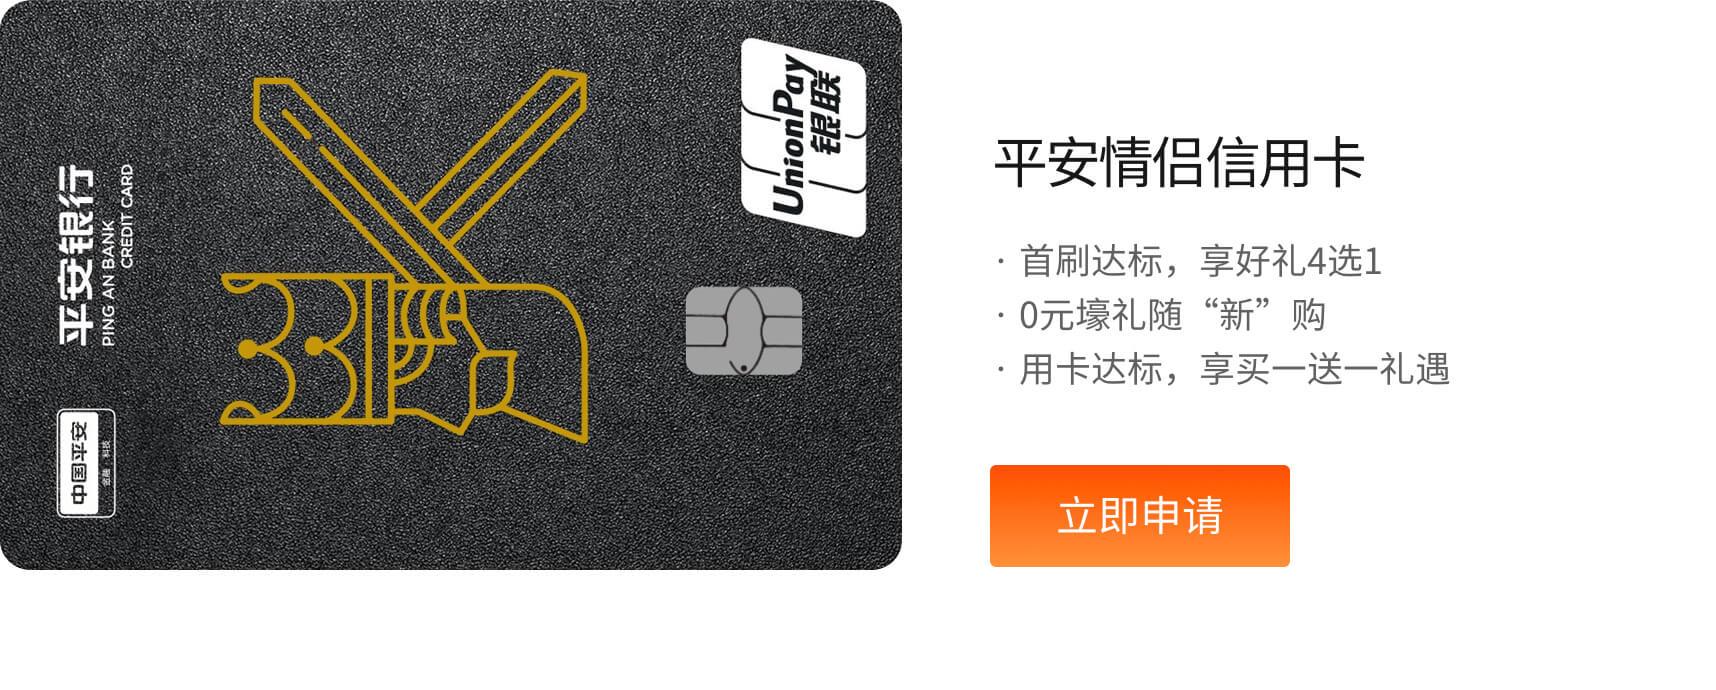 平安情侣信用卡